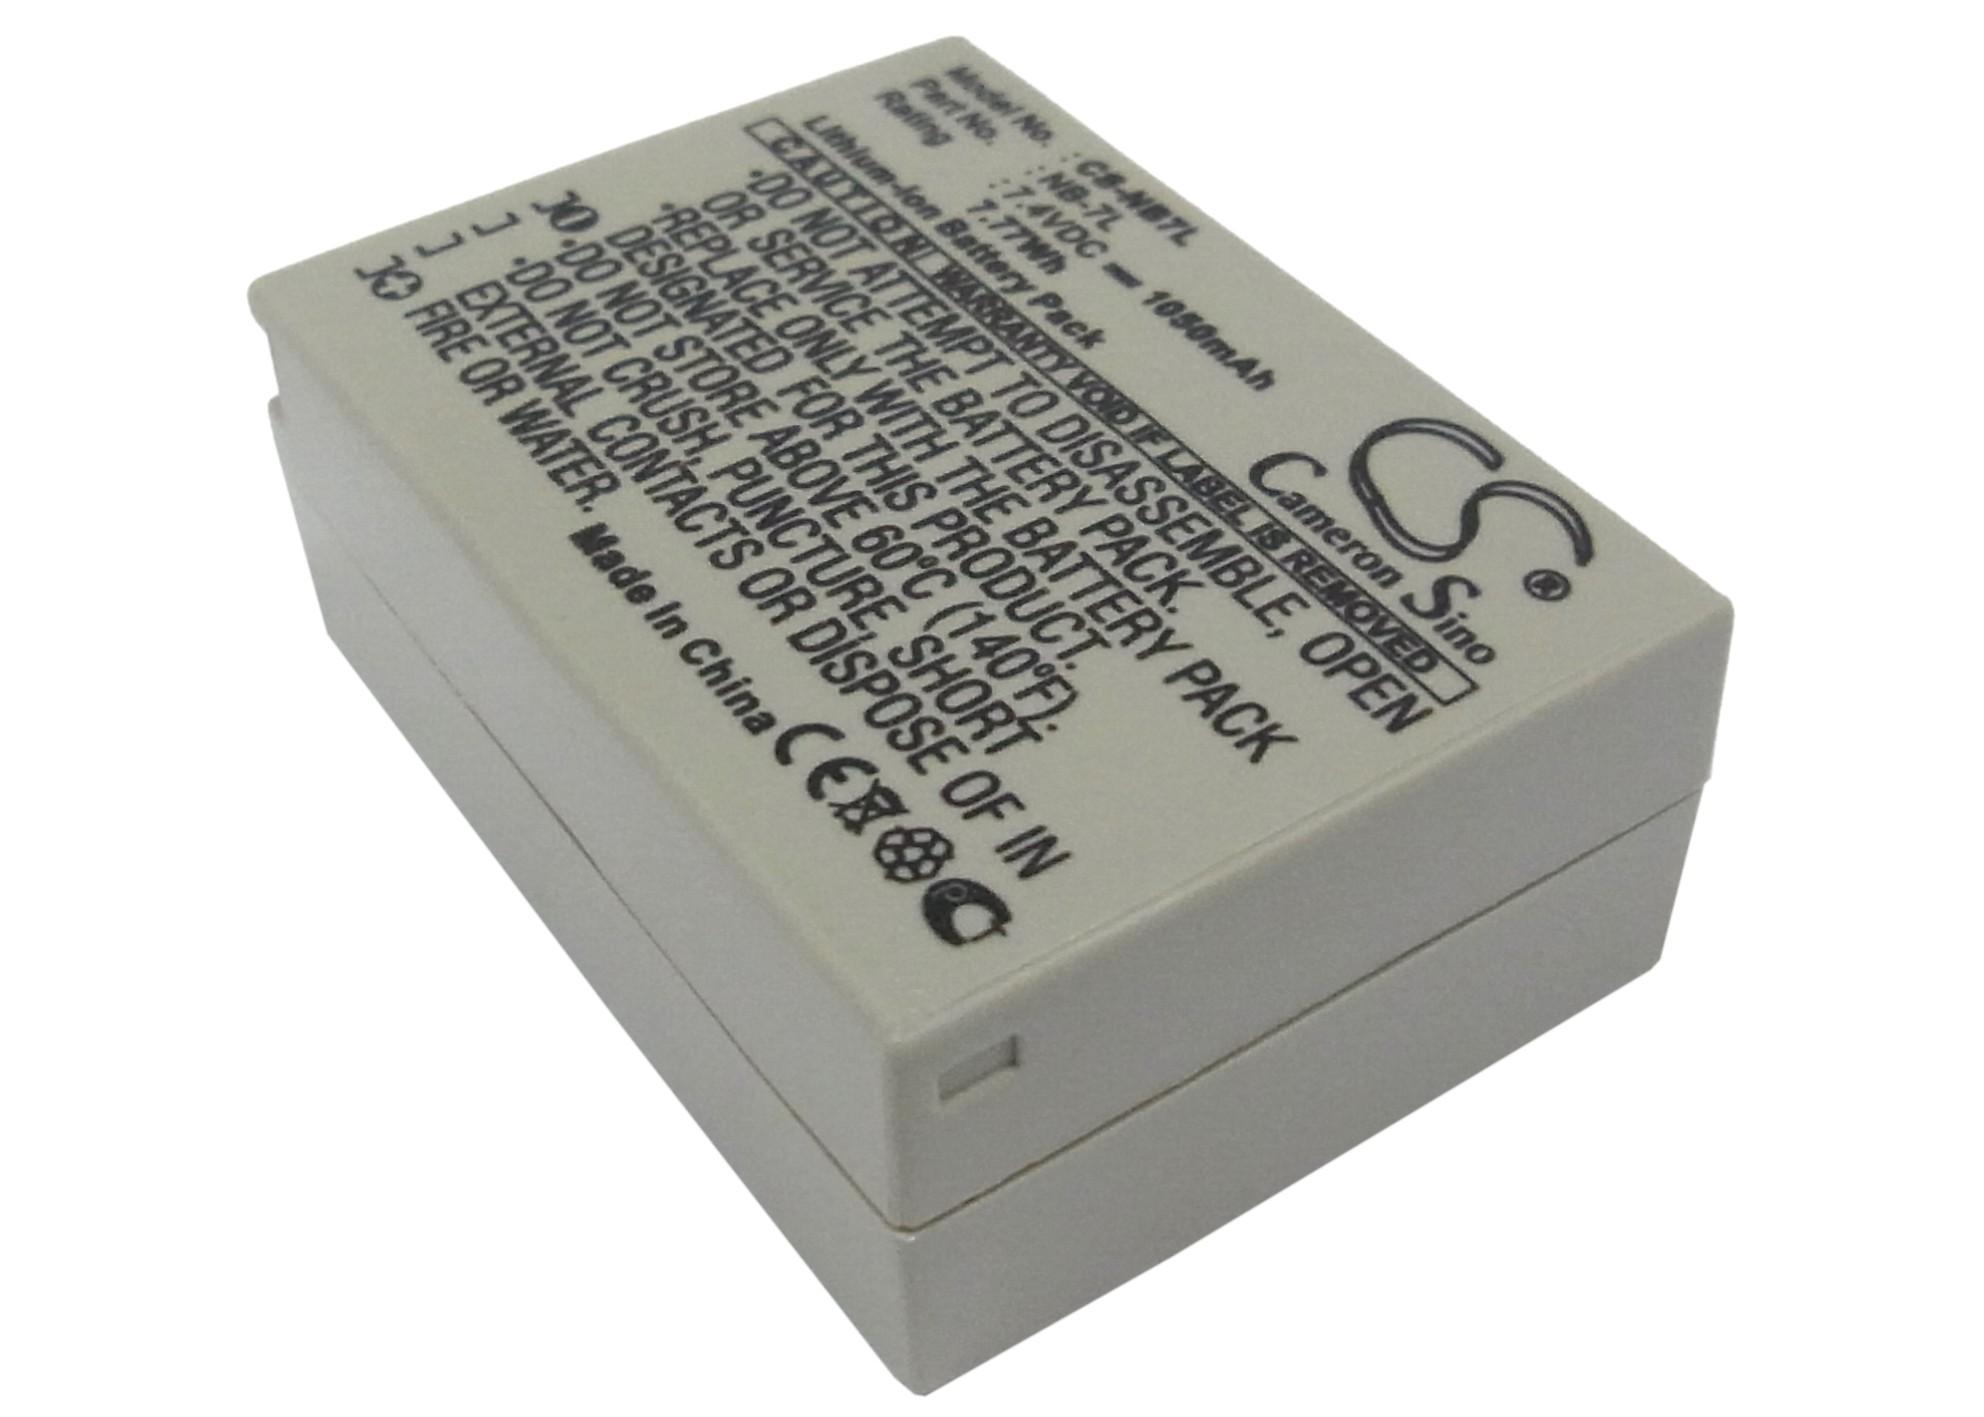 Cameron Sino baterie do kamer a fotoaparátů pro CANON PowerShot G11 7.4V Li-ion 1050mAh bílá šedá - neoriginální